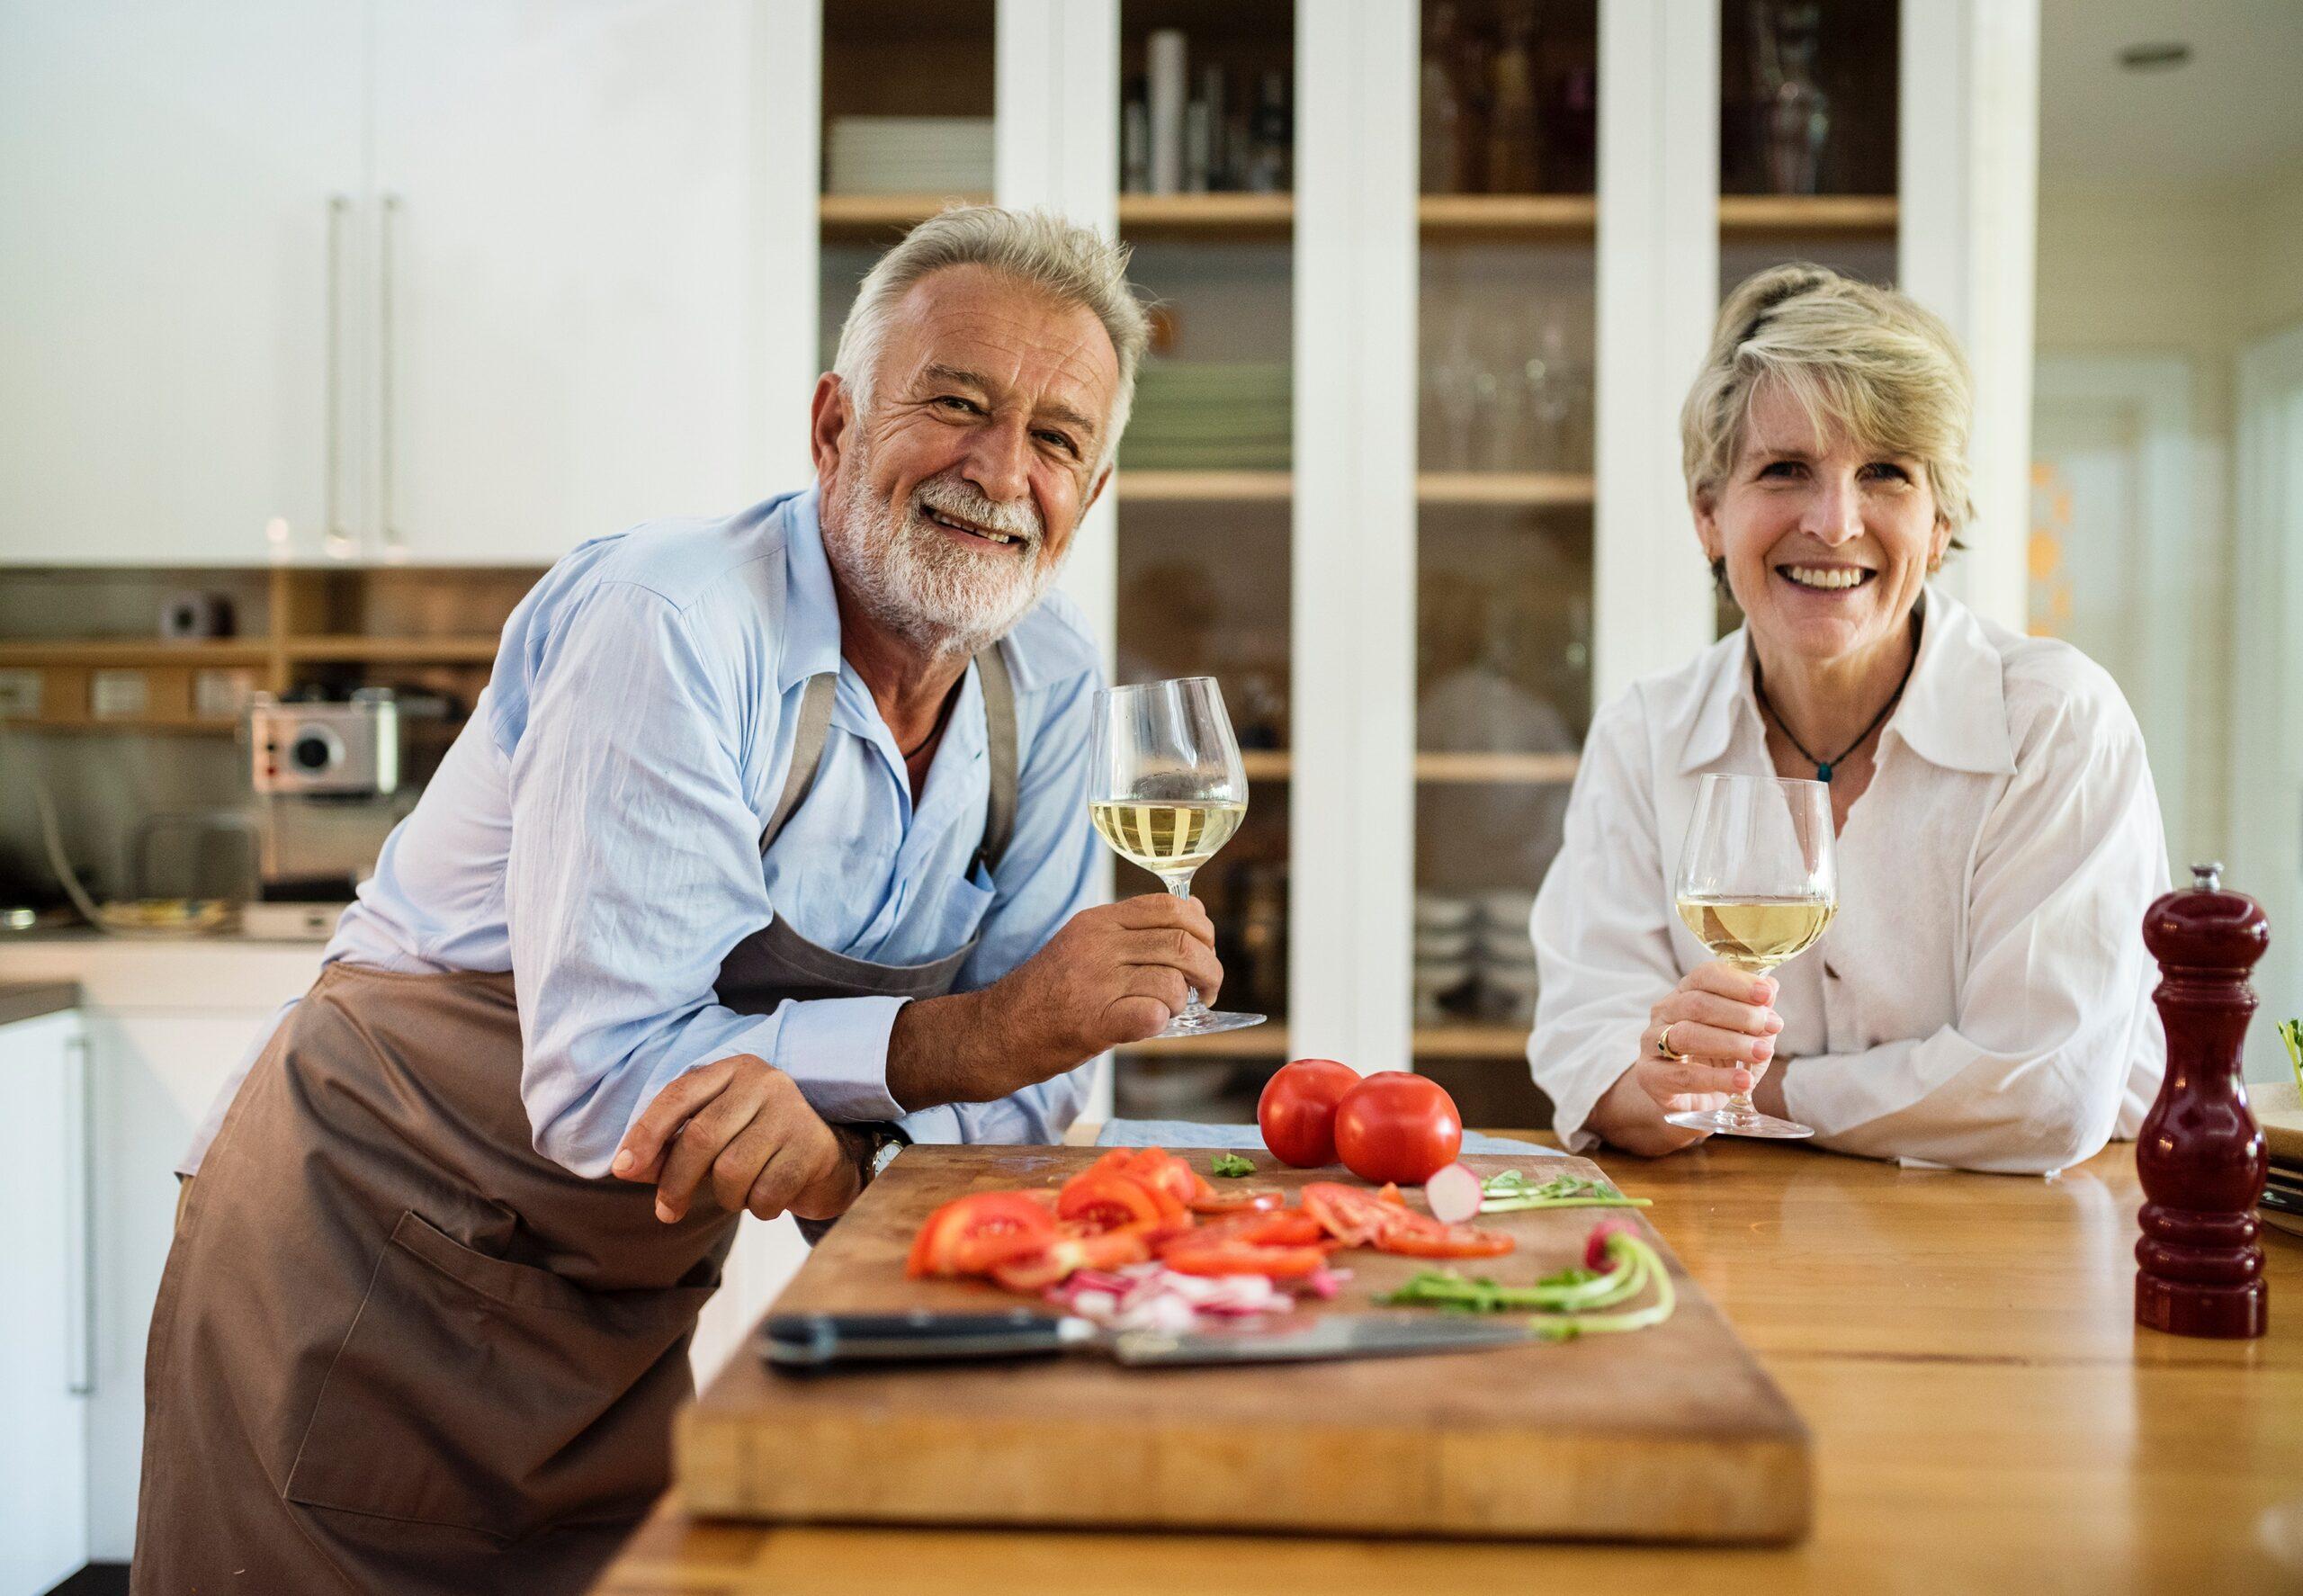 Come restare in forma dopo i 60 anni